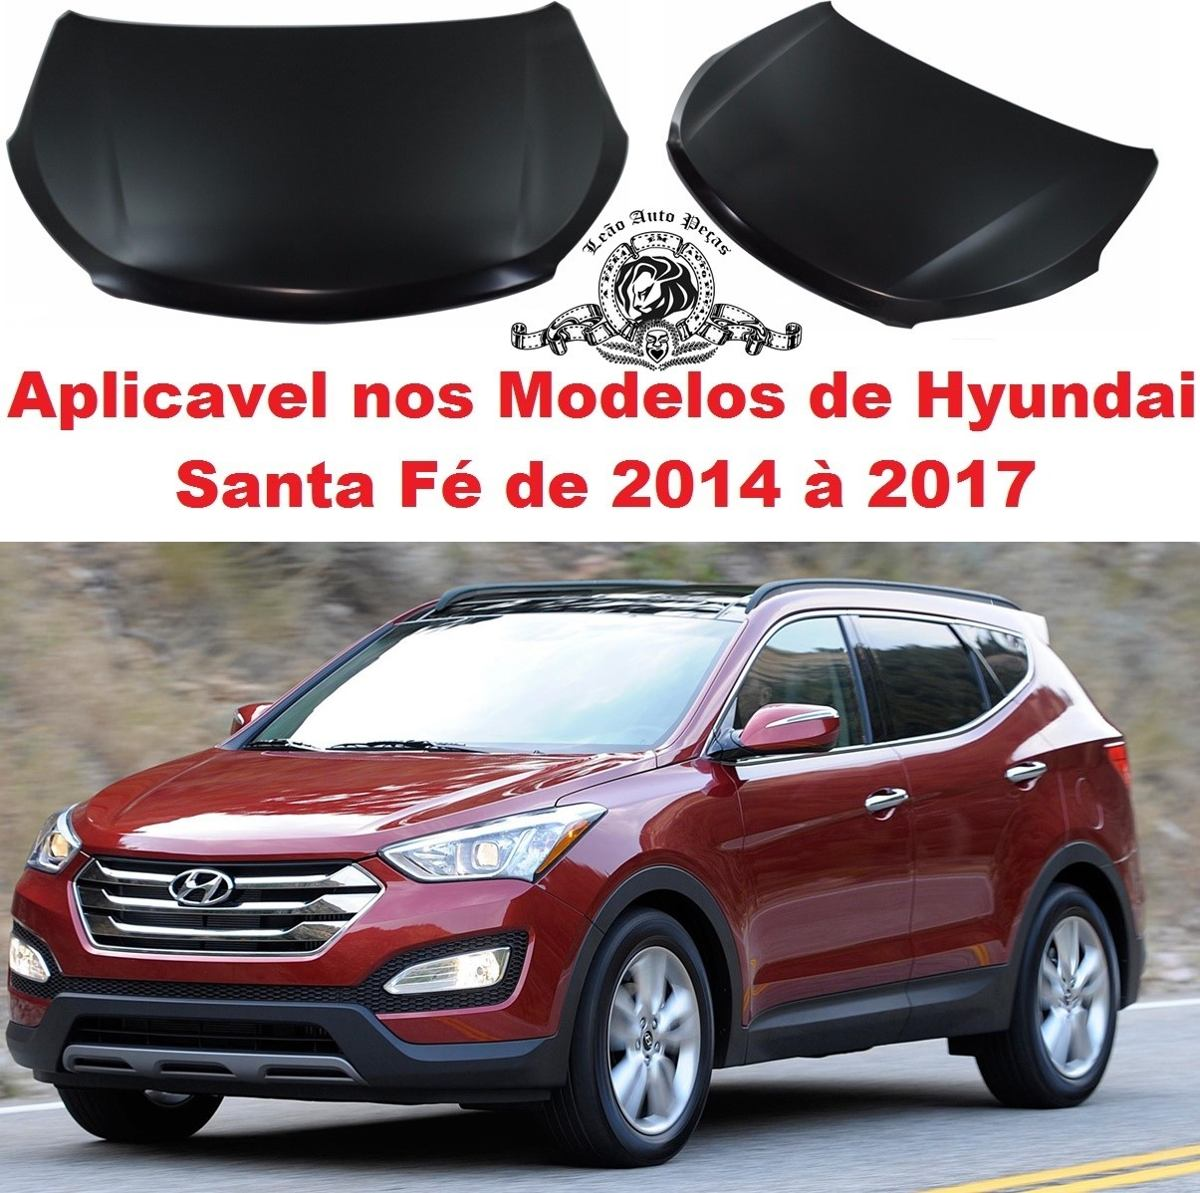 Capo Hyundai Santa Fé De 2014 à 2017 Novo. Carregando Zoom.